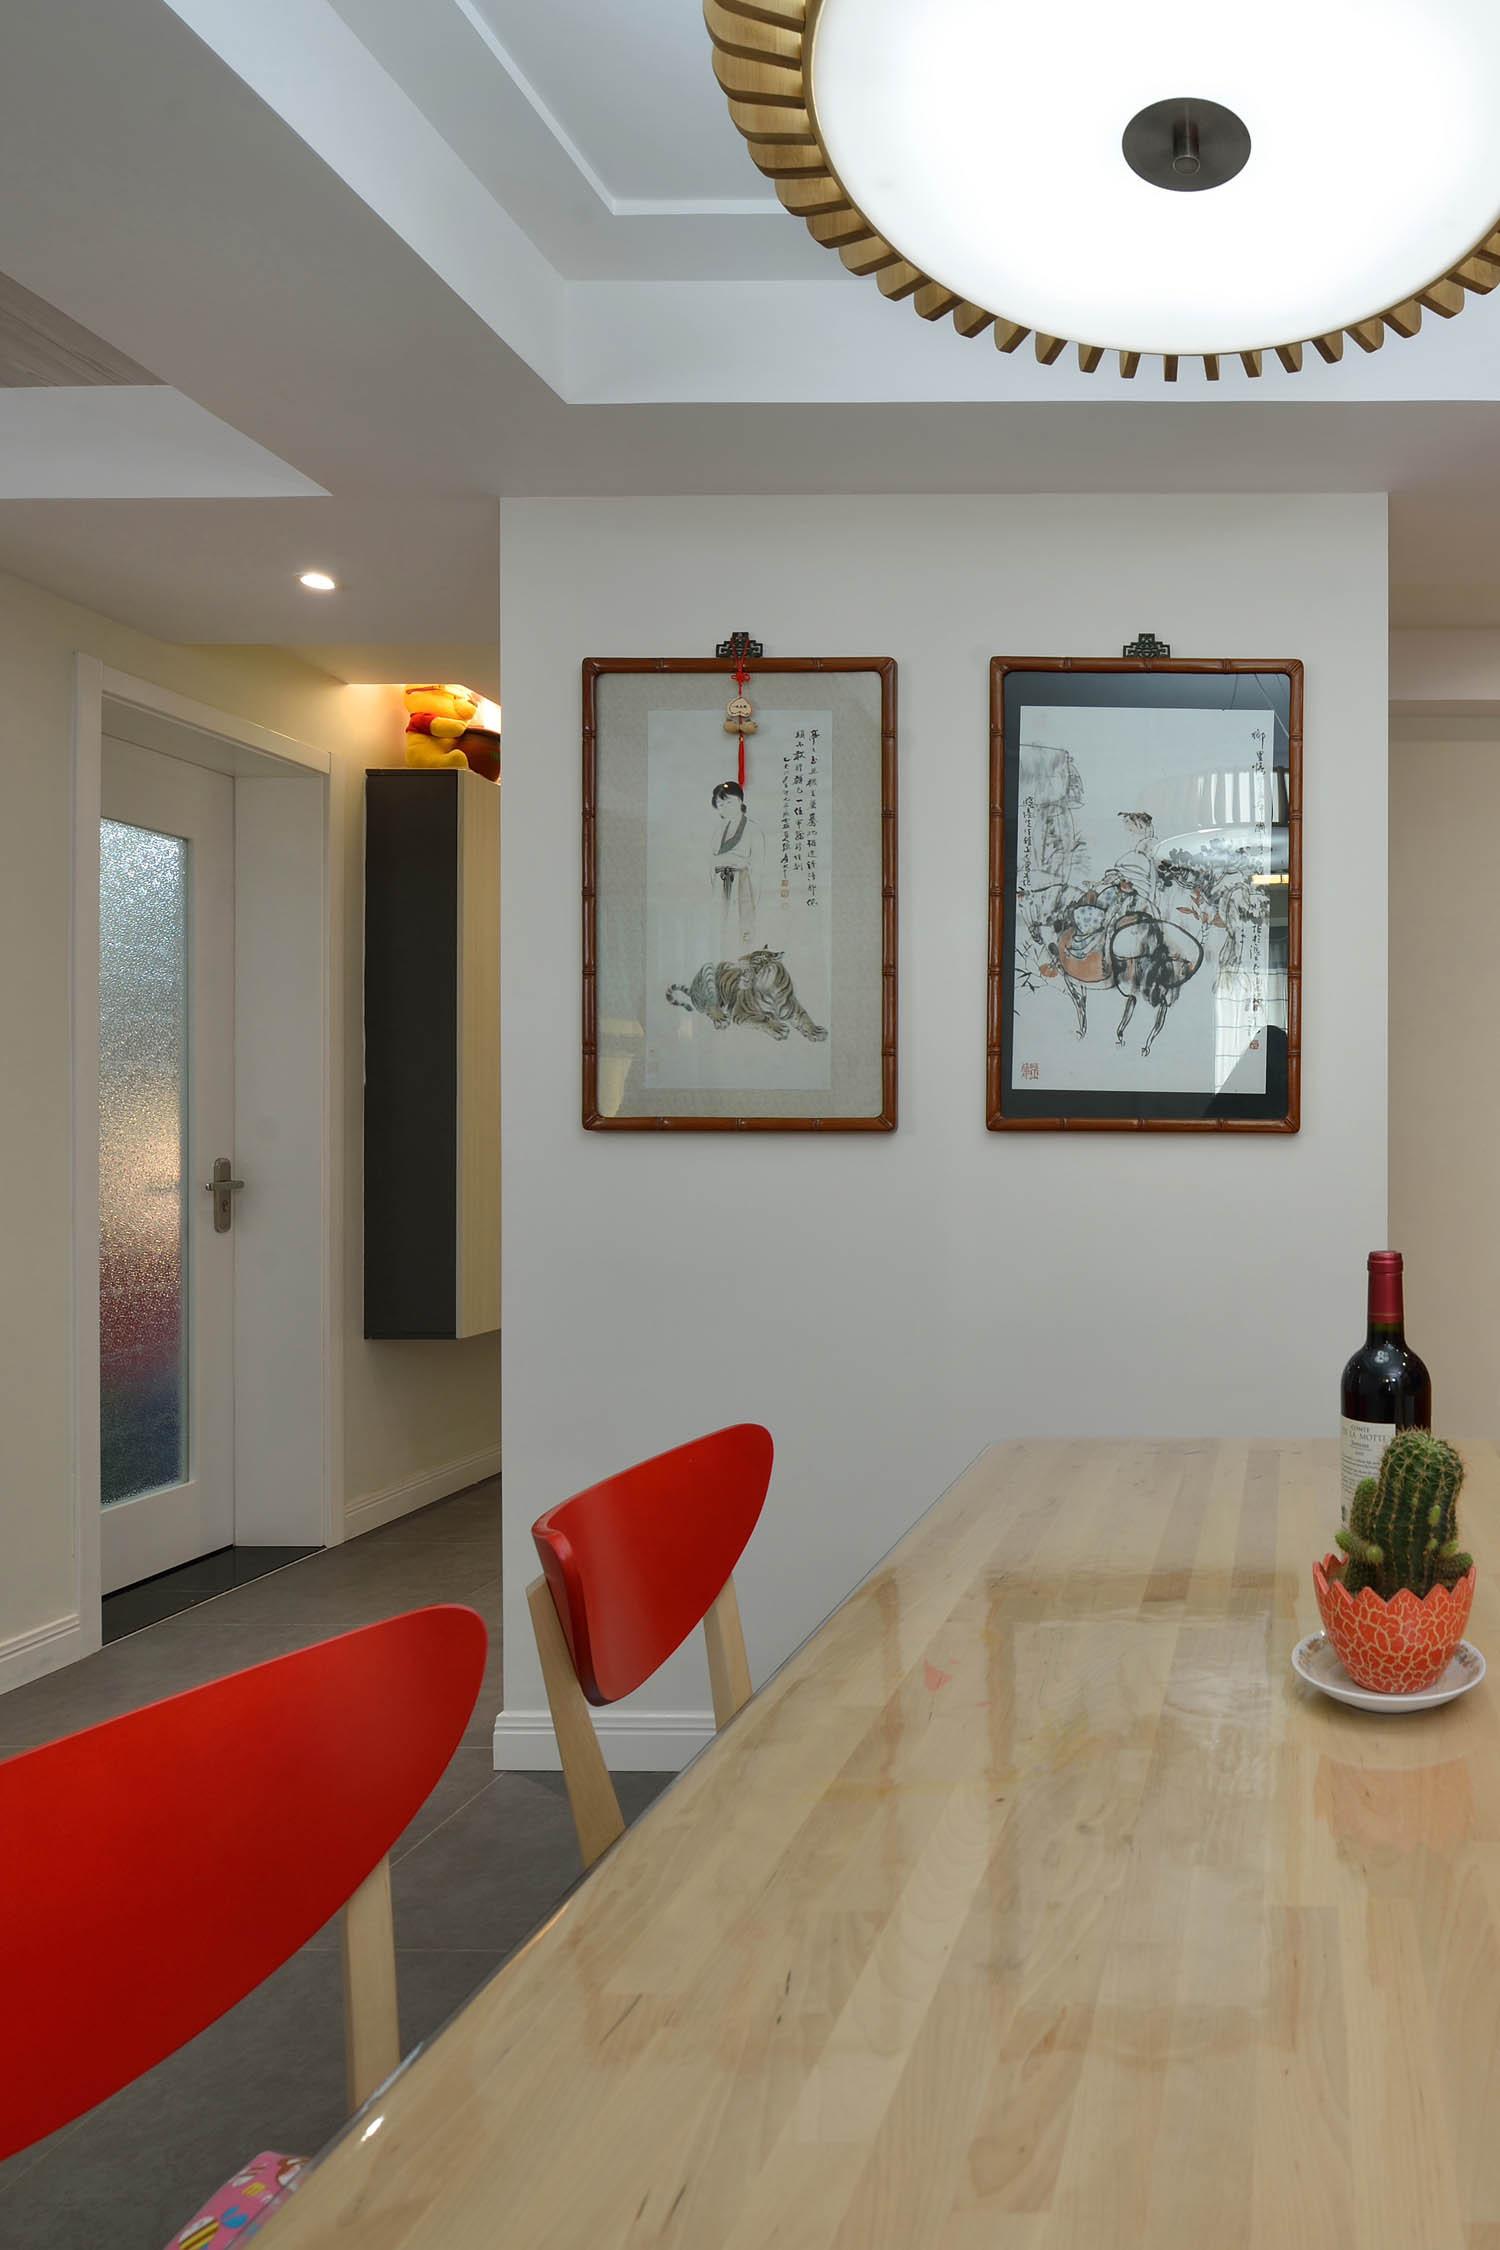 三居室简约风格装修墙面装饰画图片